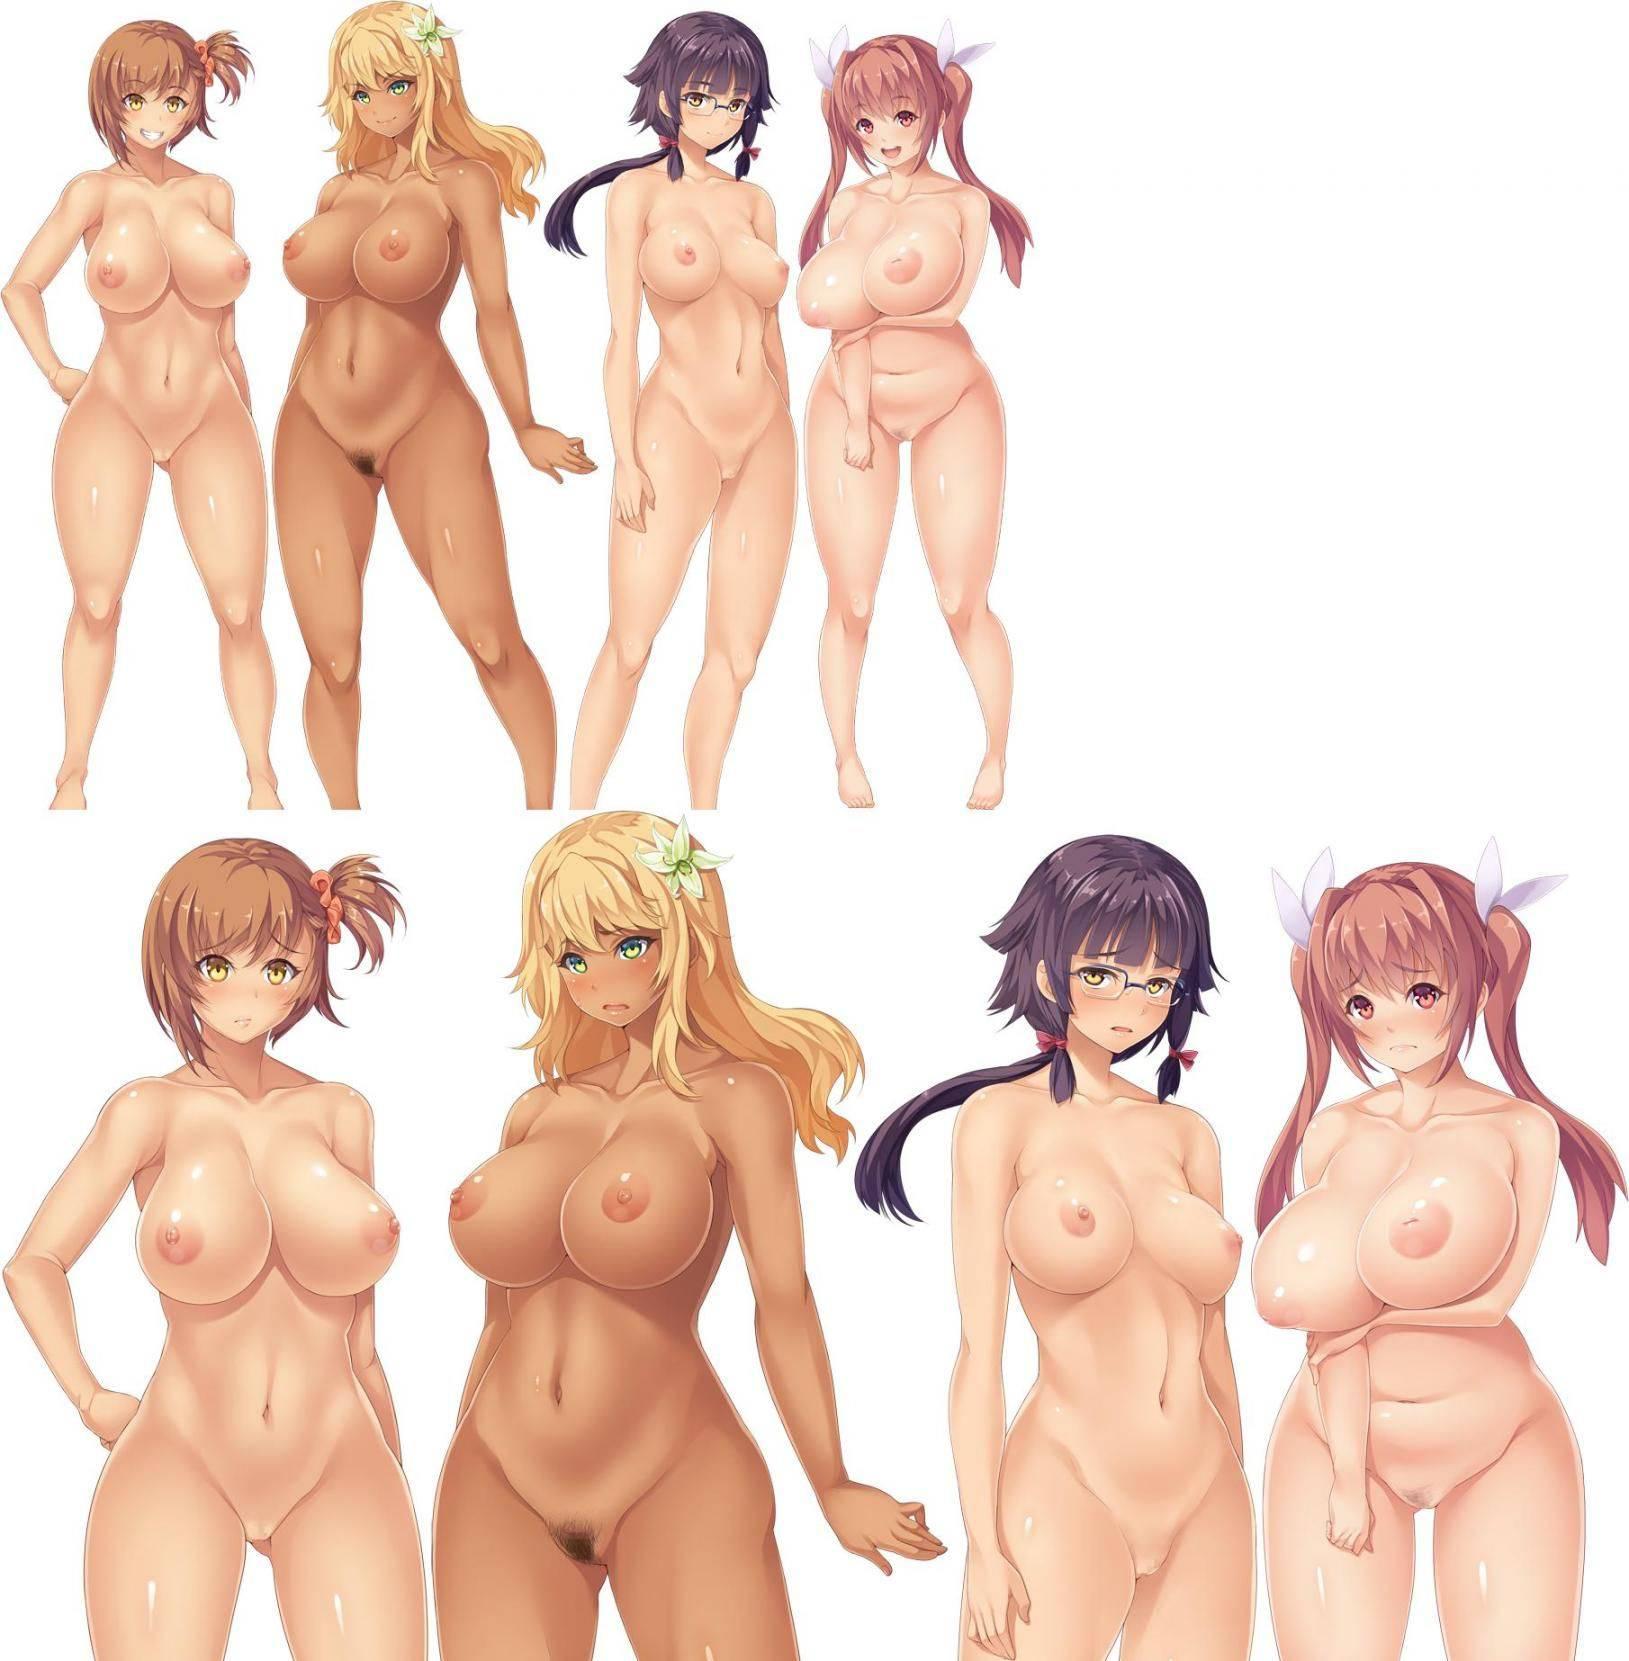 【どれにしようかな?】女の子達が全裸で立ってる二次エロ画像【1】